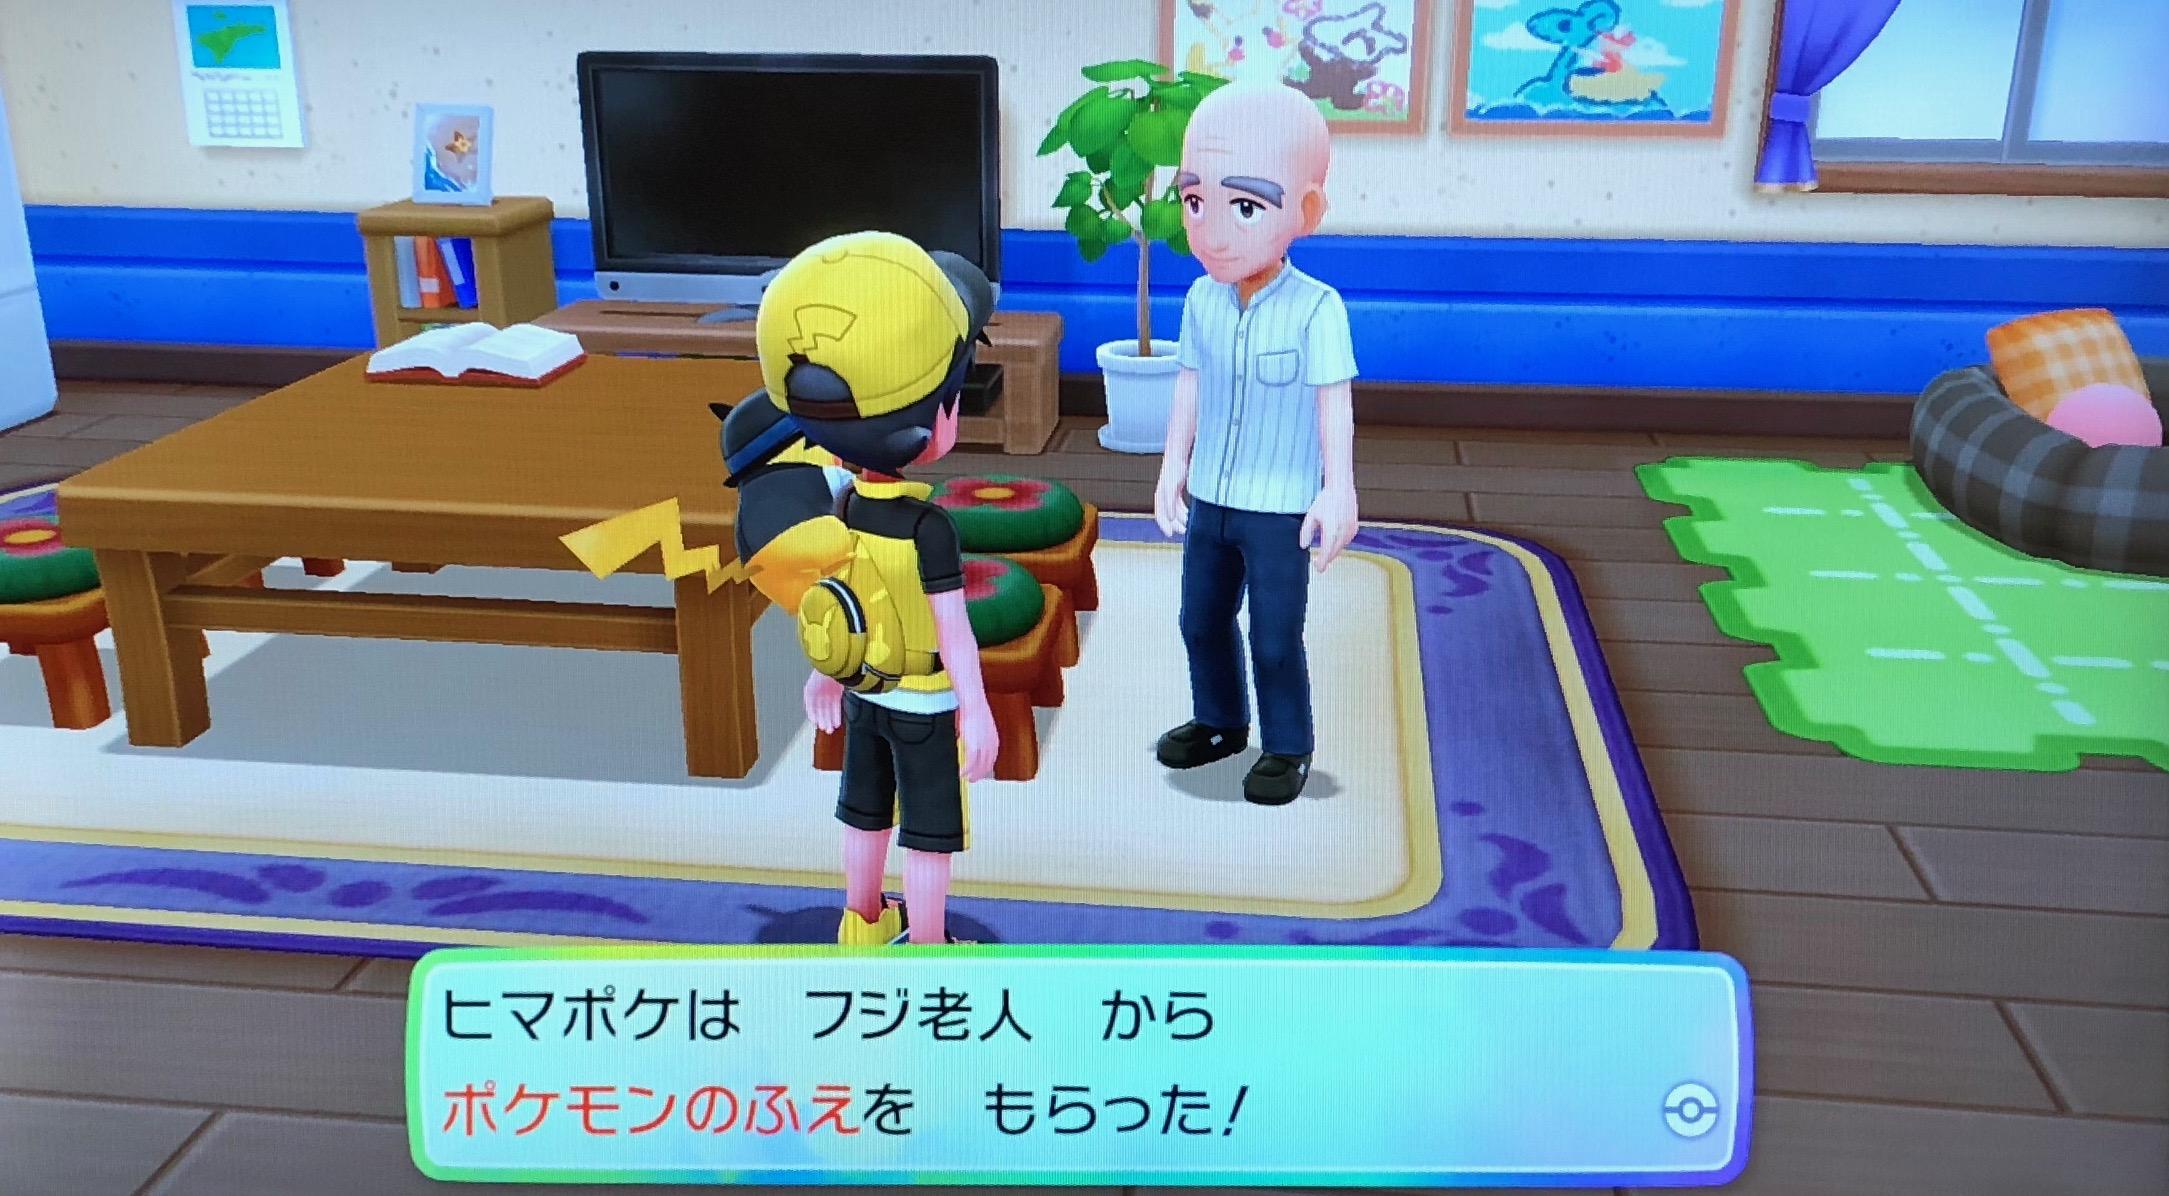 【ピカブイ】シルフスコープを使ってポケモンタワー攻略!ポケモンのふえを入手しよう!【攻略チャート14】